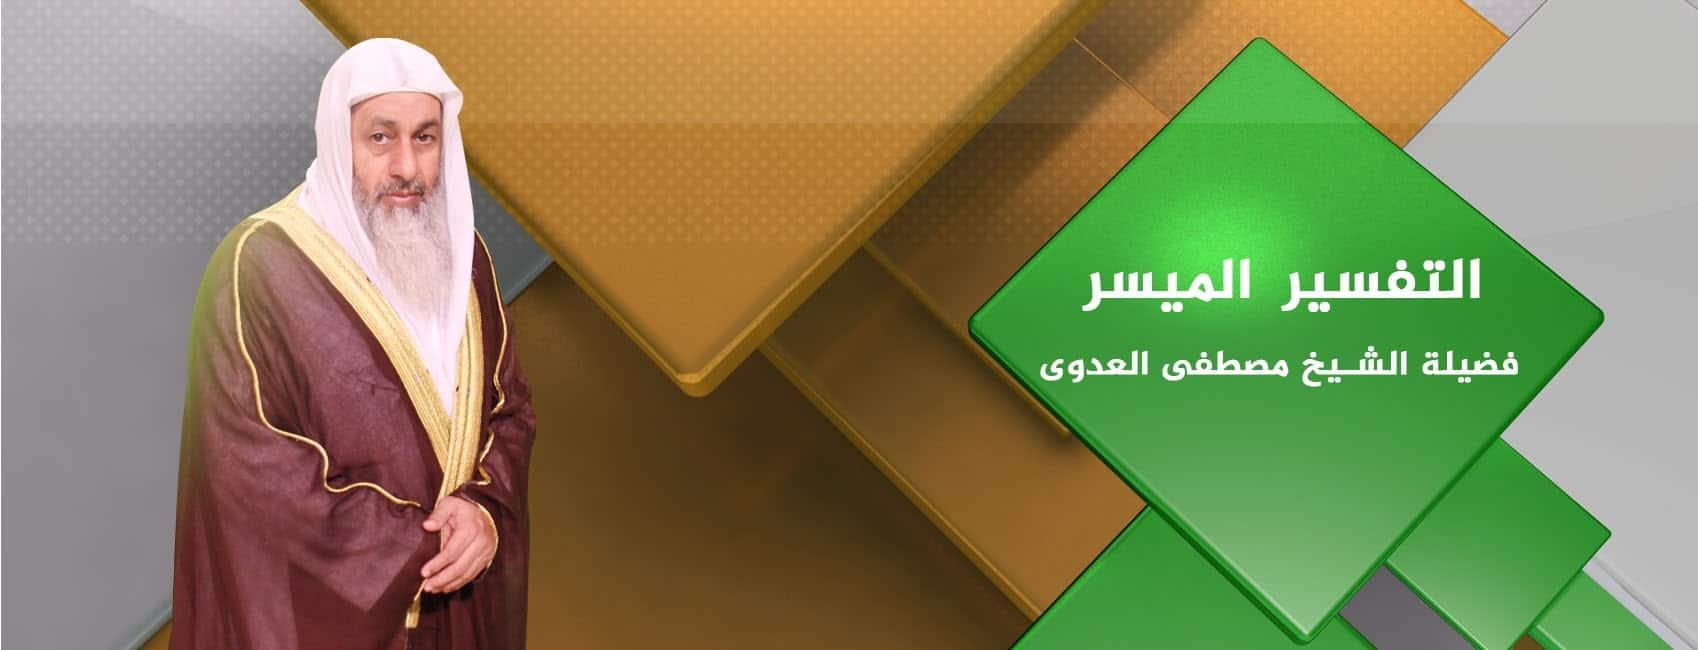 التفسير الميسر الشيخ مصطفي العدوي